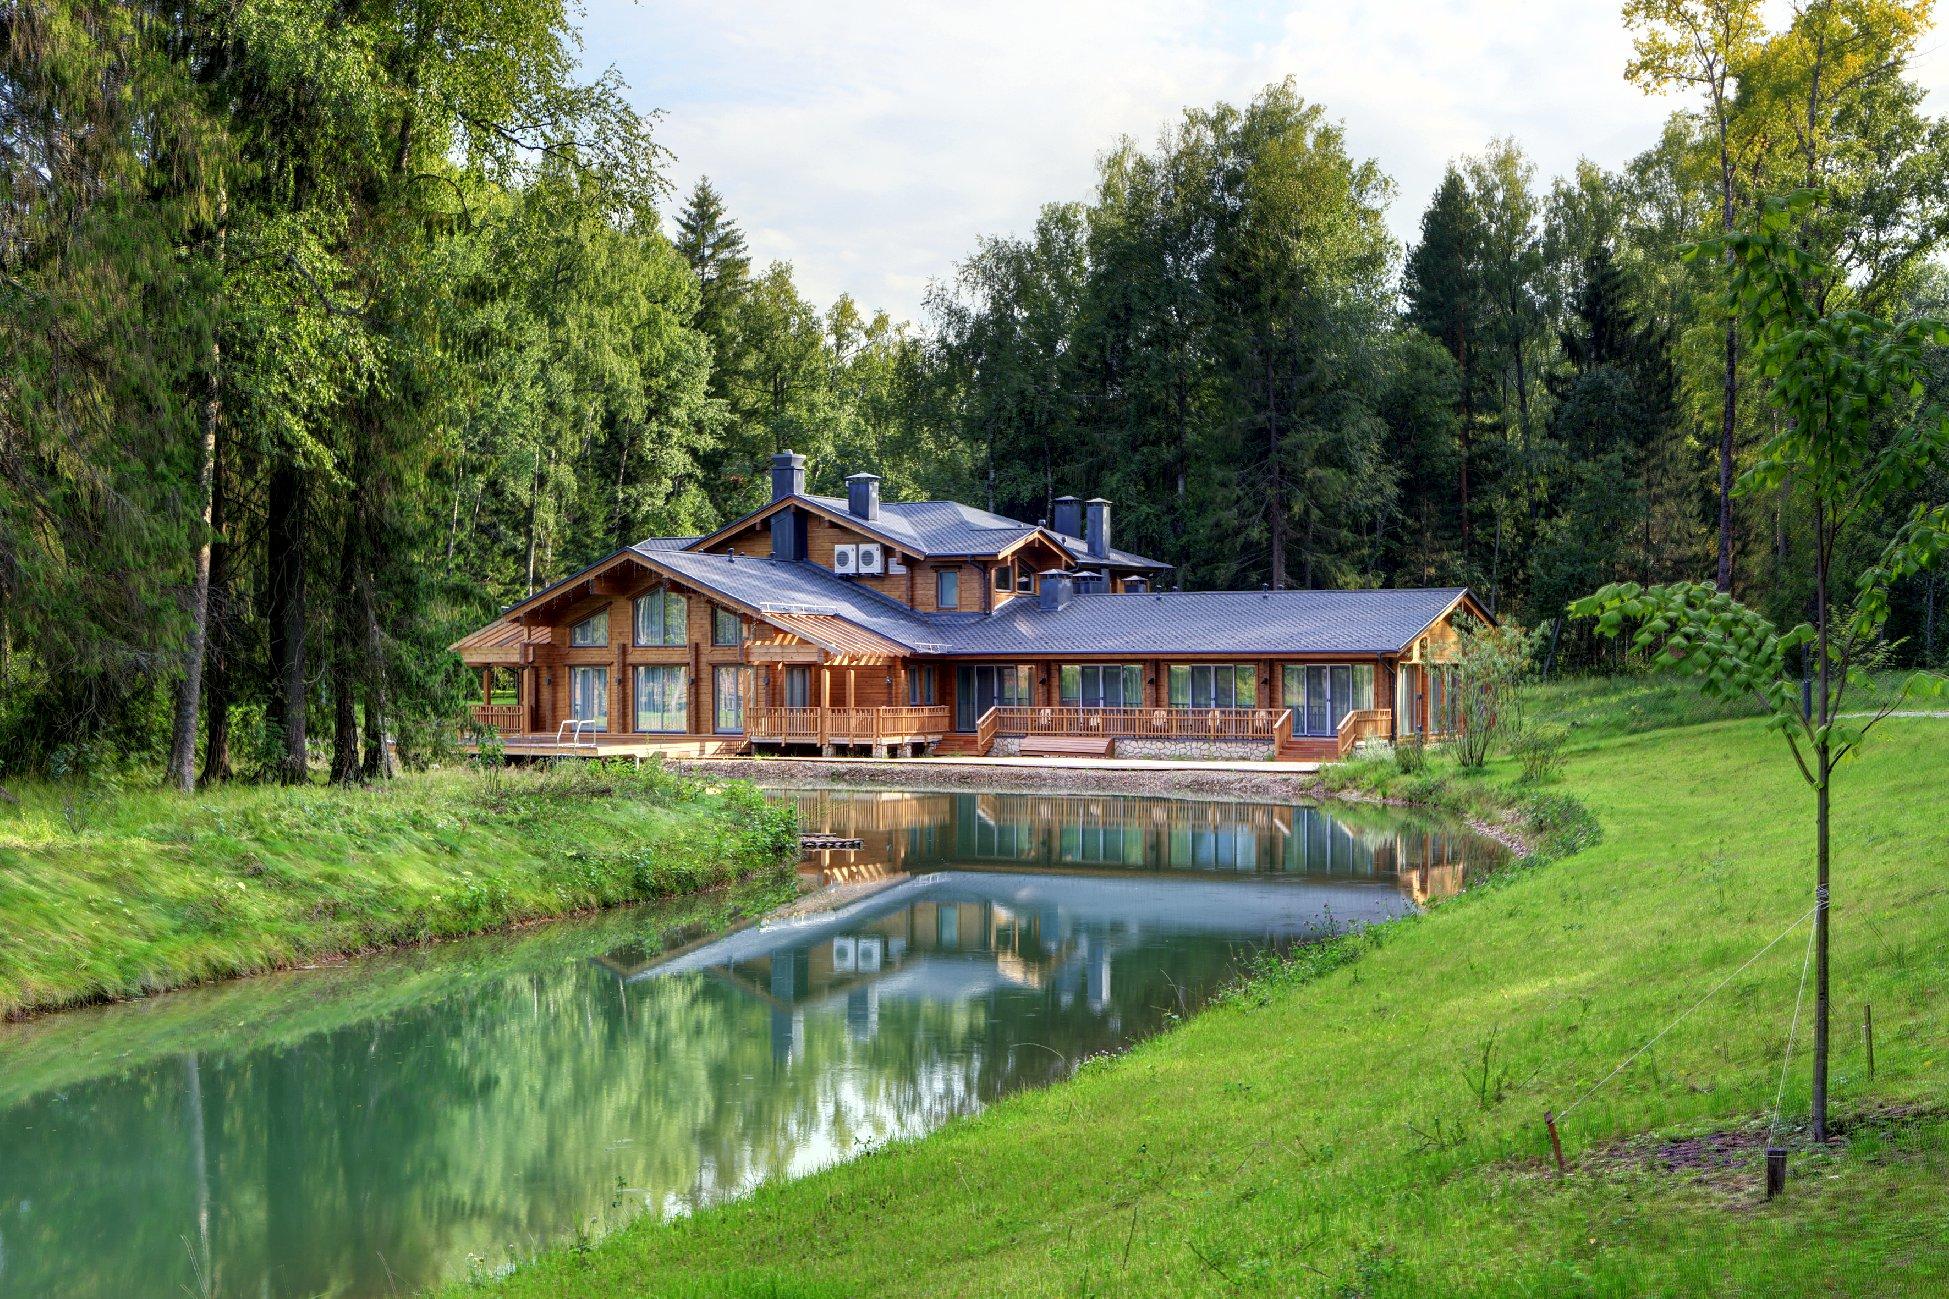 Компания HONKA объявила о старте масштабного проекта – строительстве базы отдыха в Астраханской области